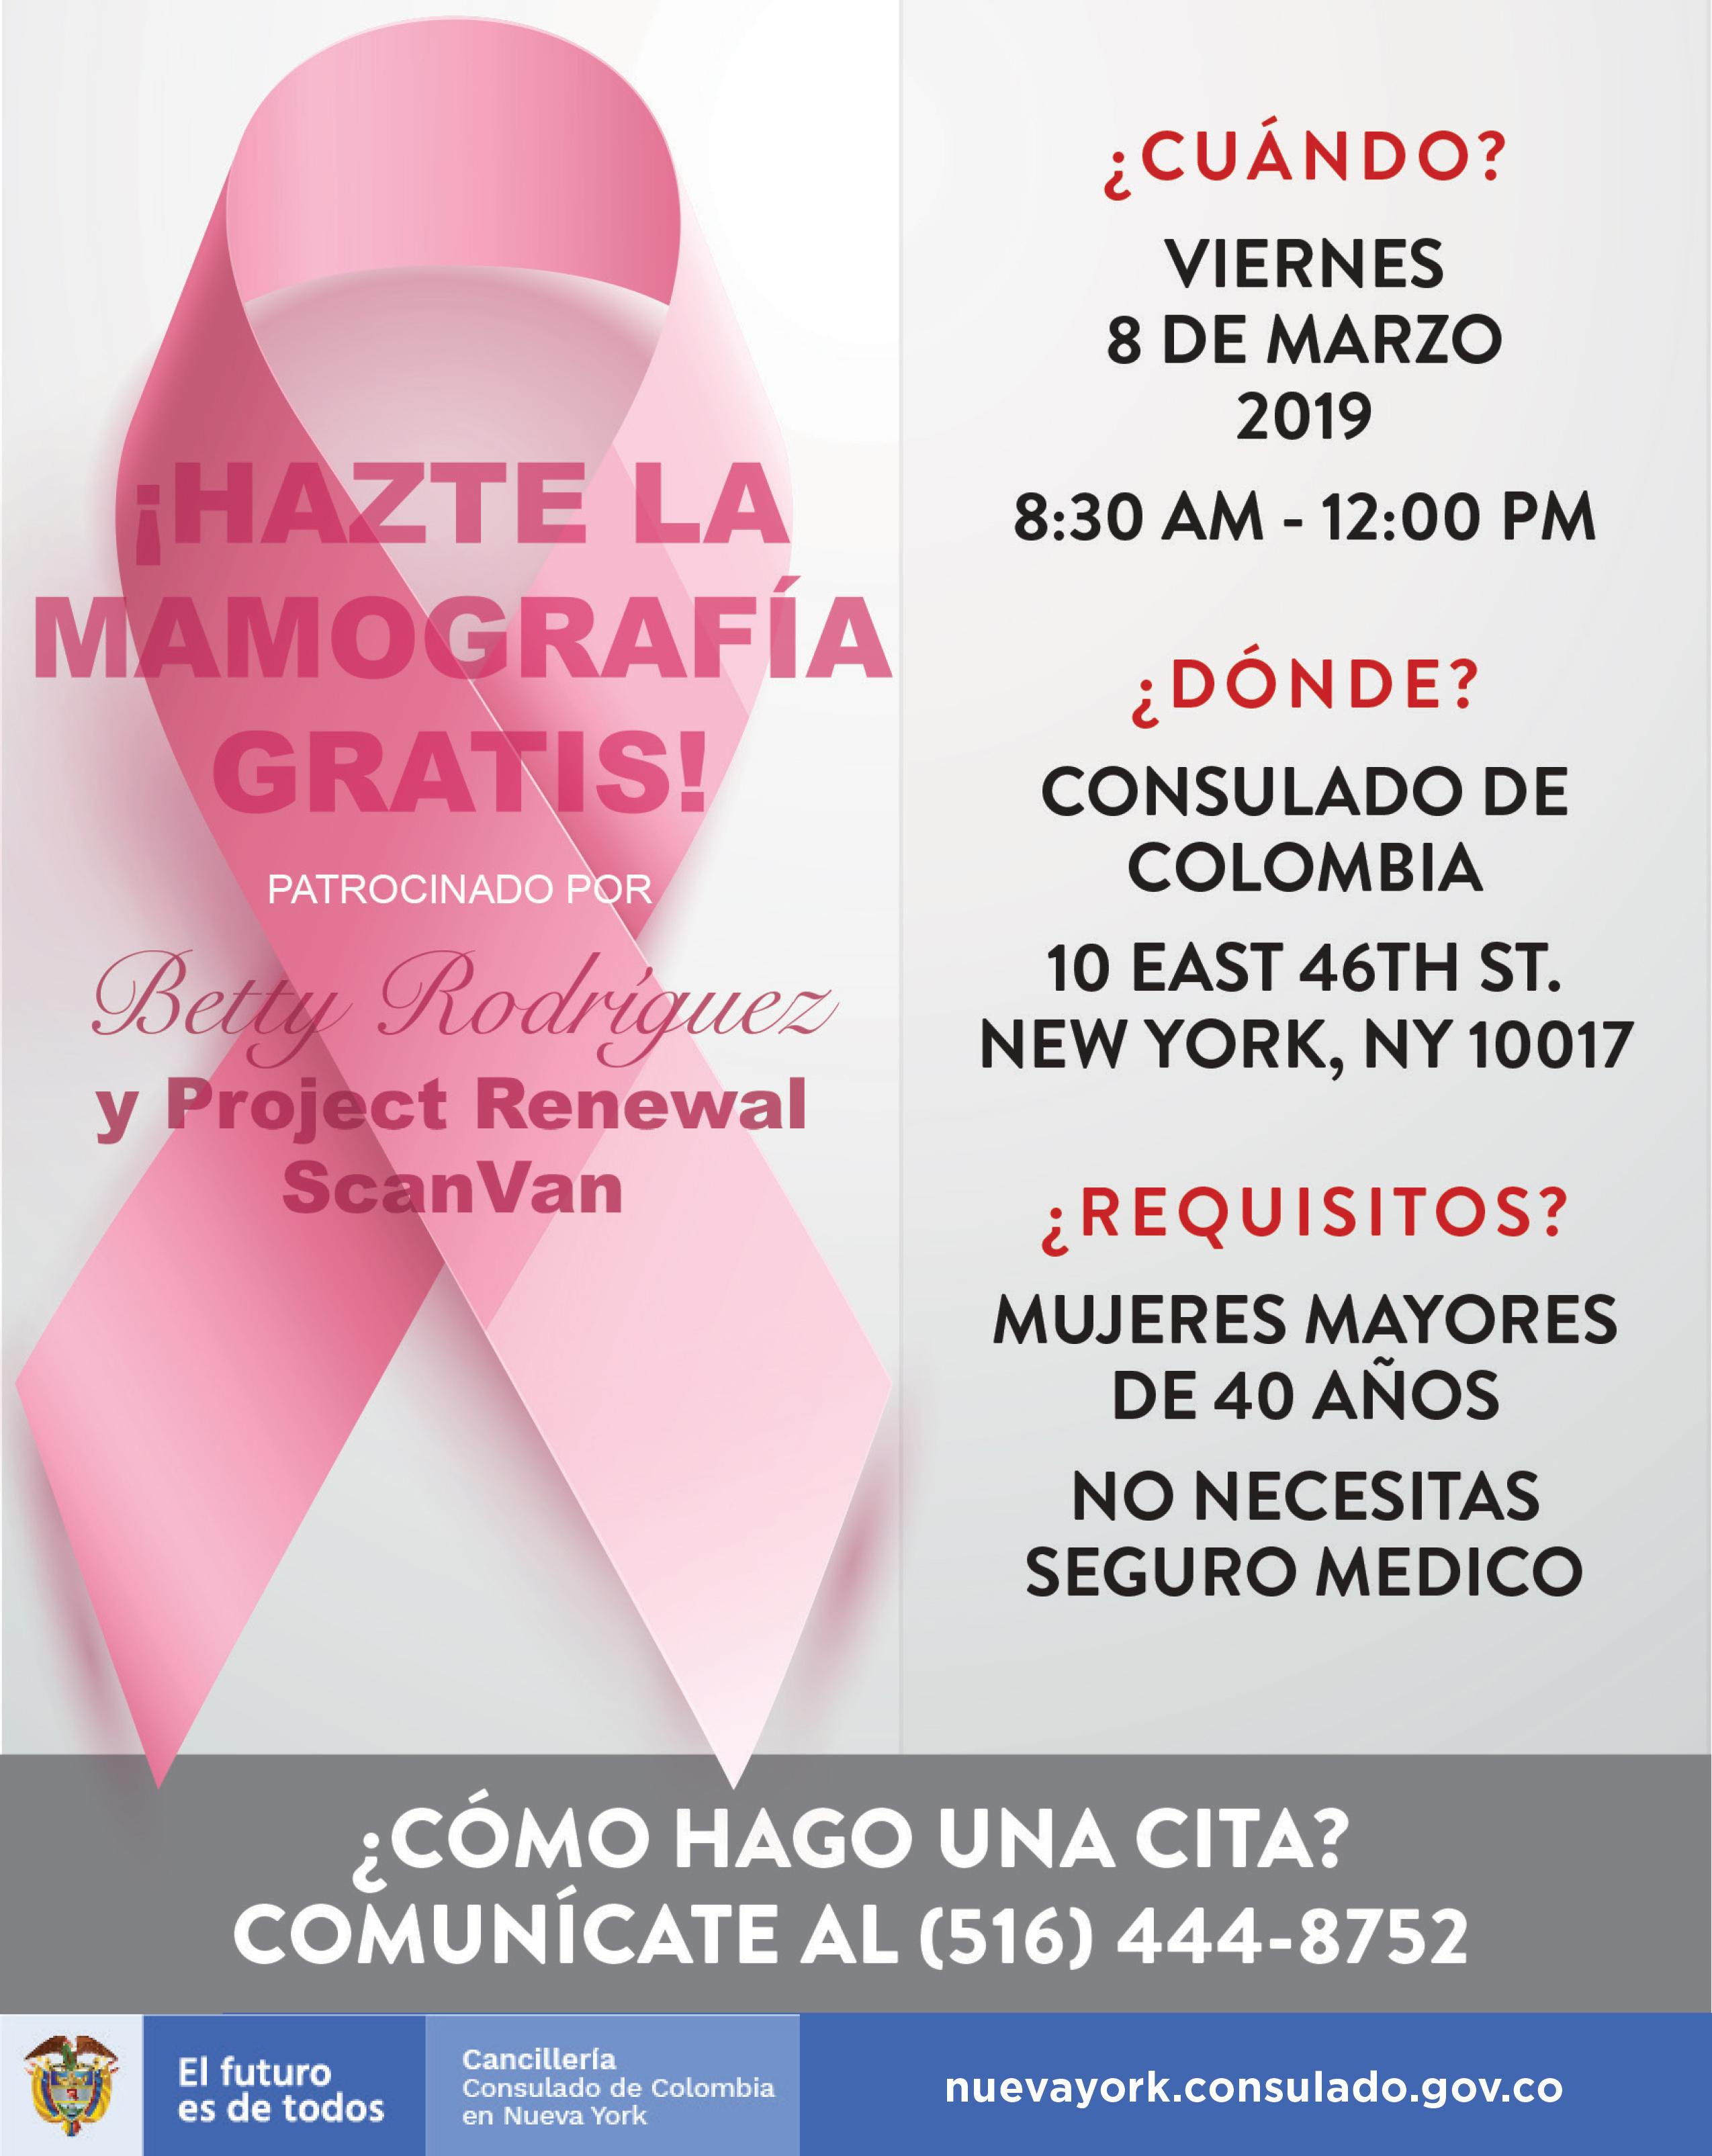 Costo de mamografia en colombia